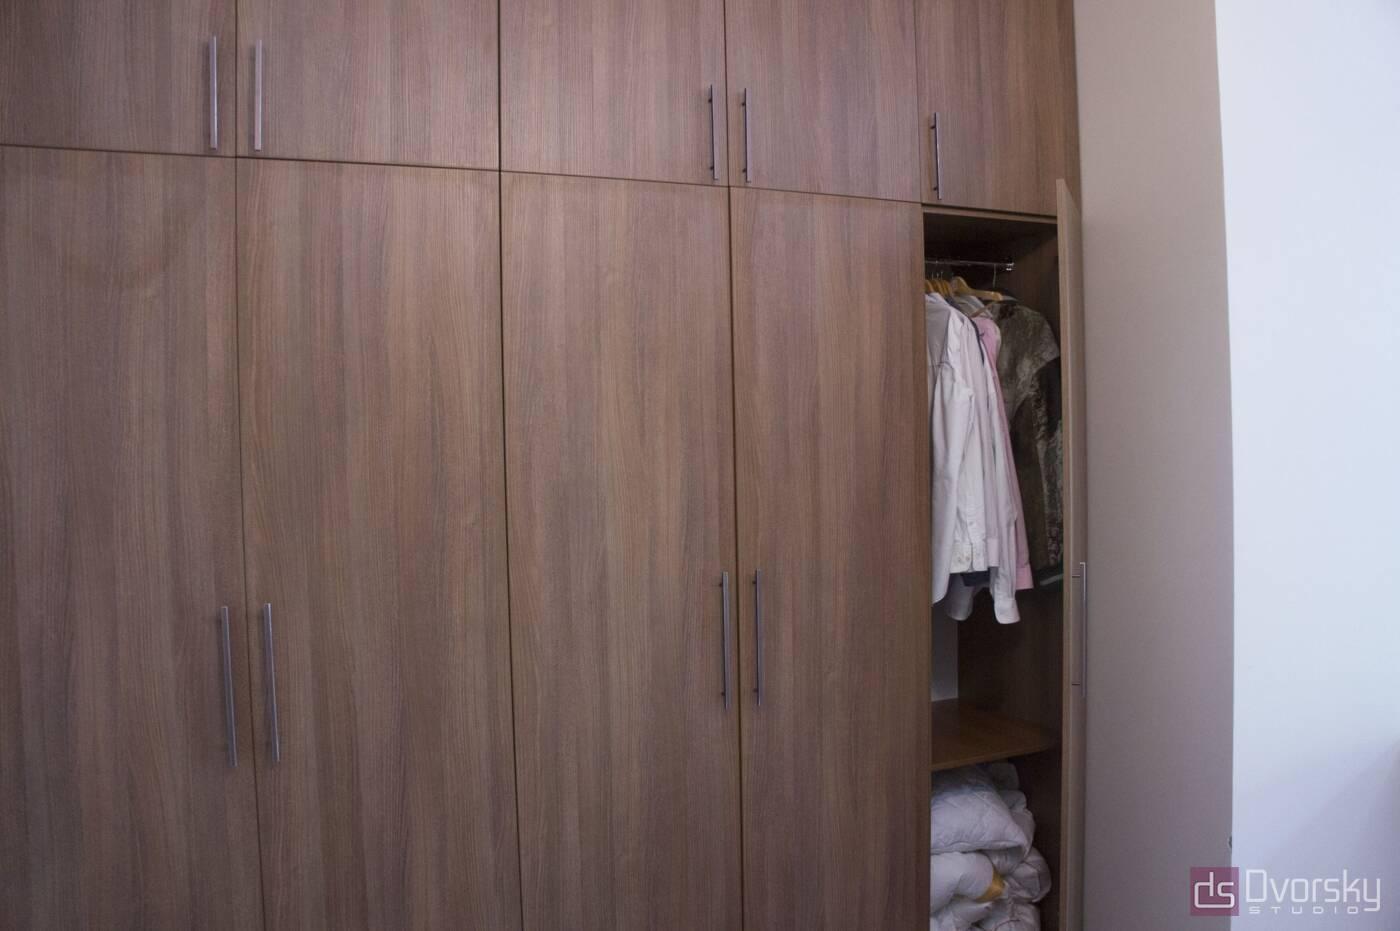 Шкафы распашные Коричневый распашной шкаф - Фото № 1